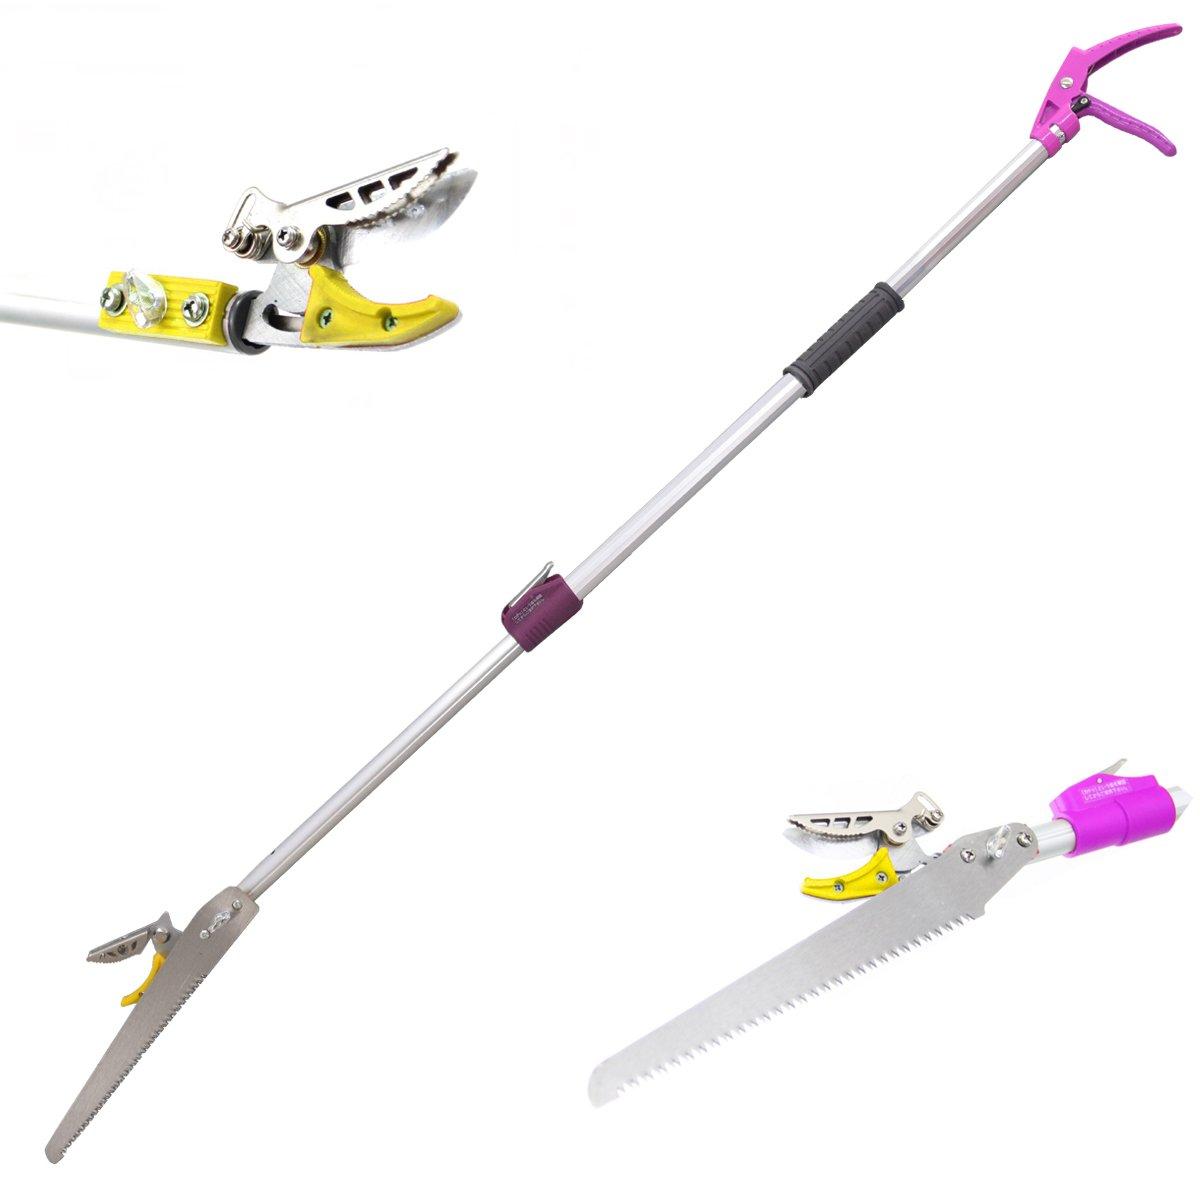 DCM Telescoping Cut and Hold Long Reach Bypass Garden Pruner, Pole Saw, Extendable saw, Fruit Picker Harvester, Gardening Shear (6-10 Feet Telescoping)